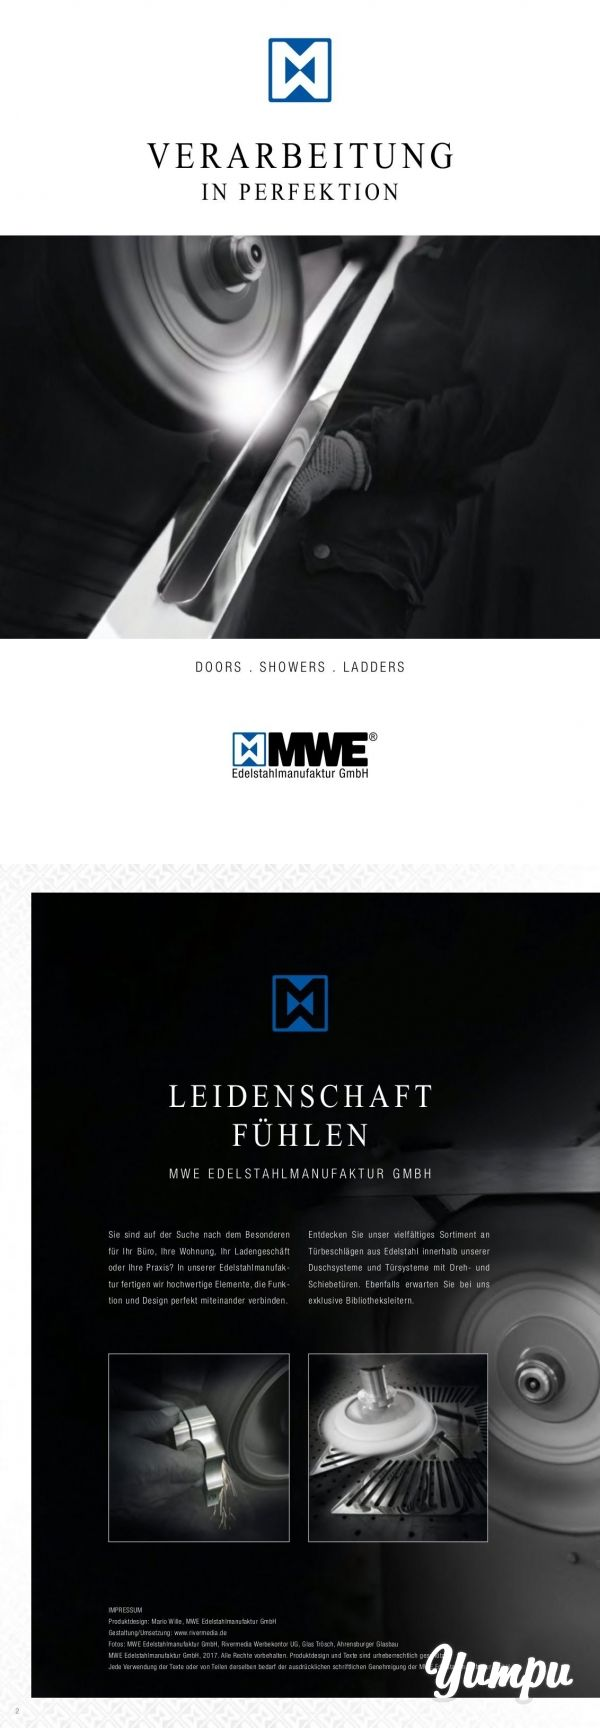 MWE_Broschüre - Verarbeitung in Perfektion - MWE Manufaktur für Türsysteme, Duschsysteme und Leitern aus Edelstahl. Das futuristische Design spricht für sich, die Verarbeitung sowieso.